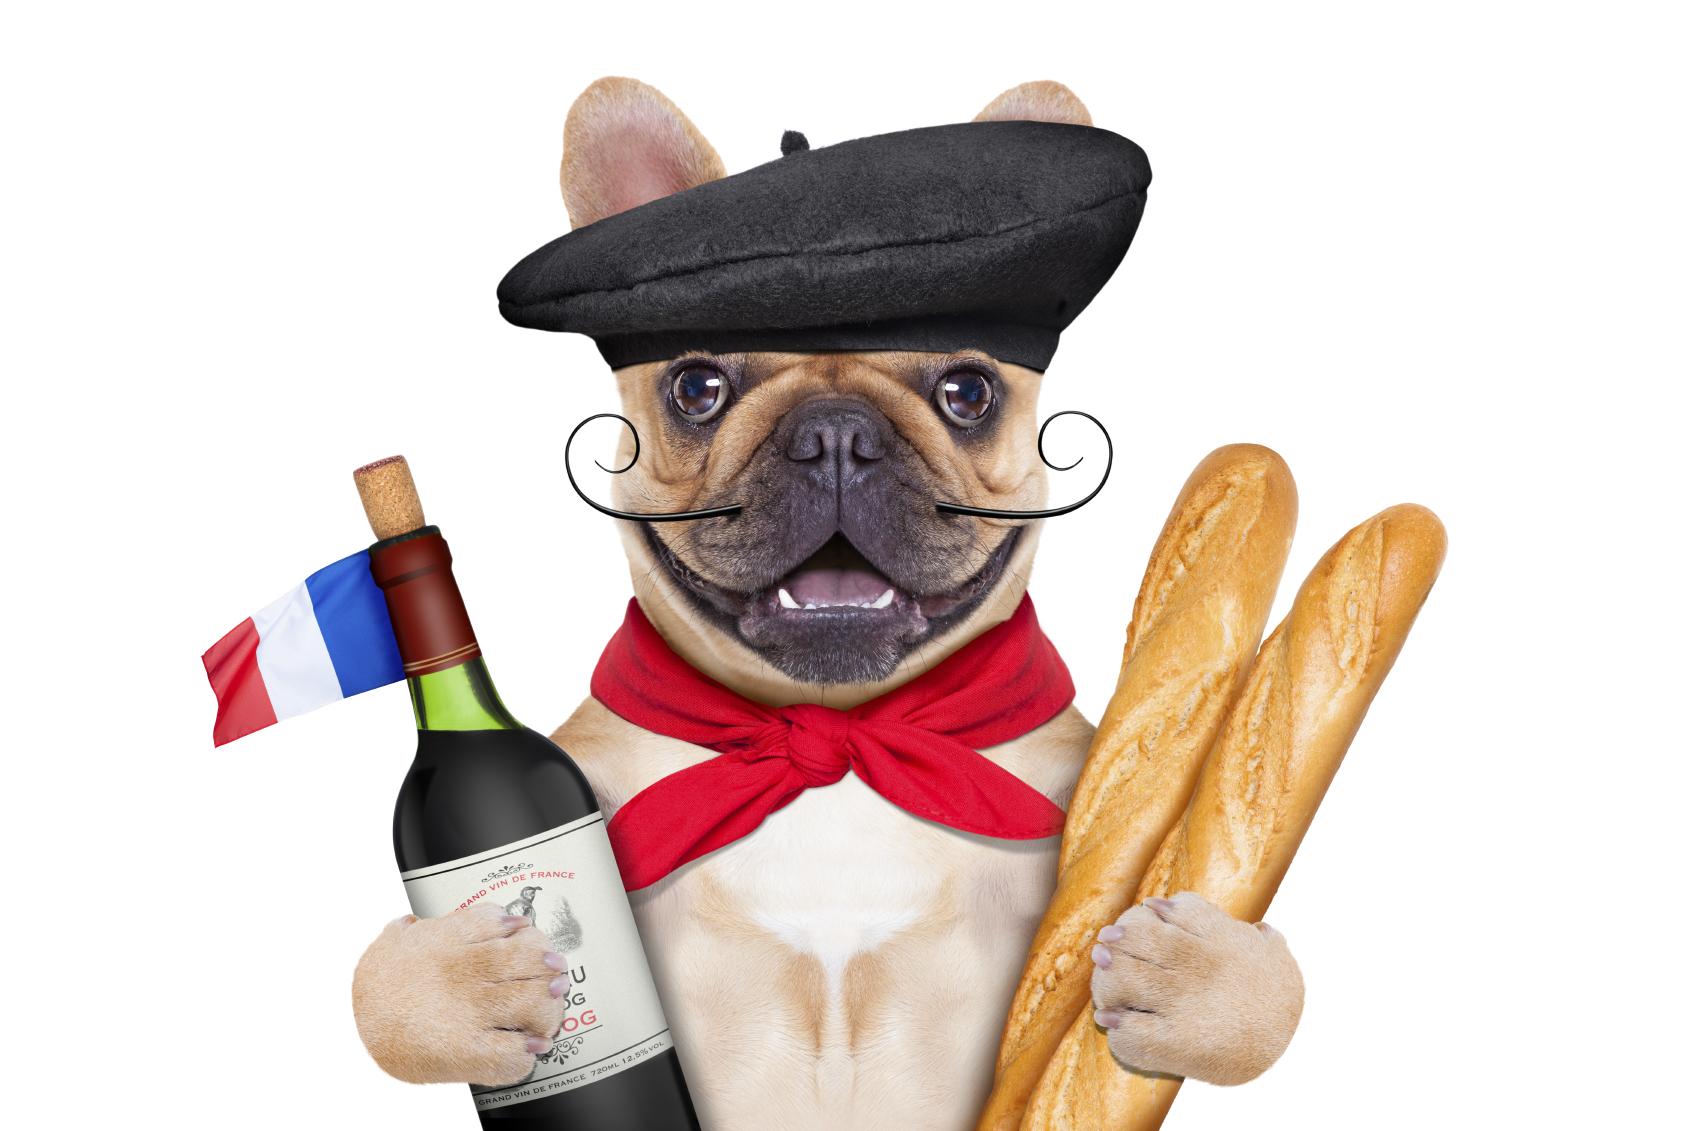 Frankrike 800 000 Hektar Av Enastaende Viner Vinblogg